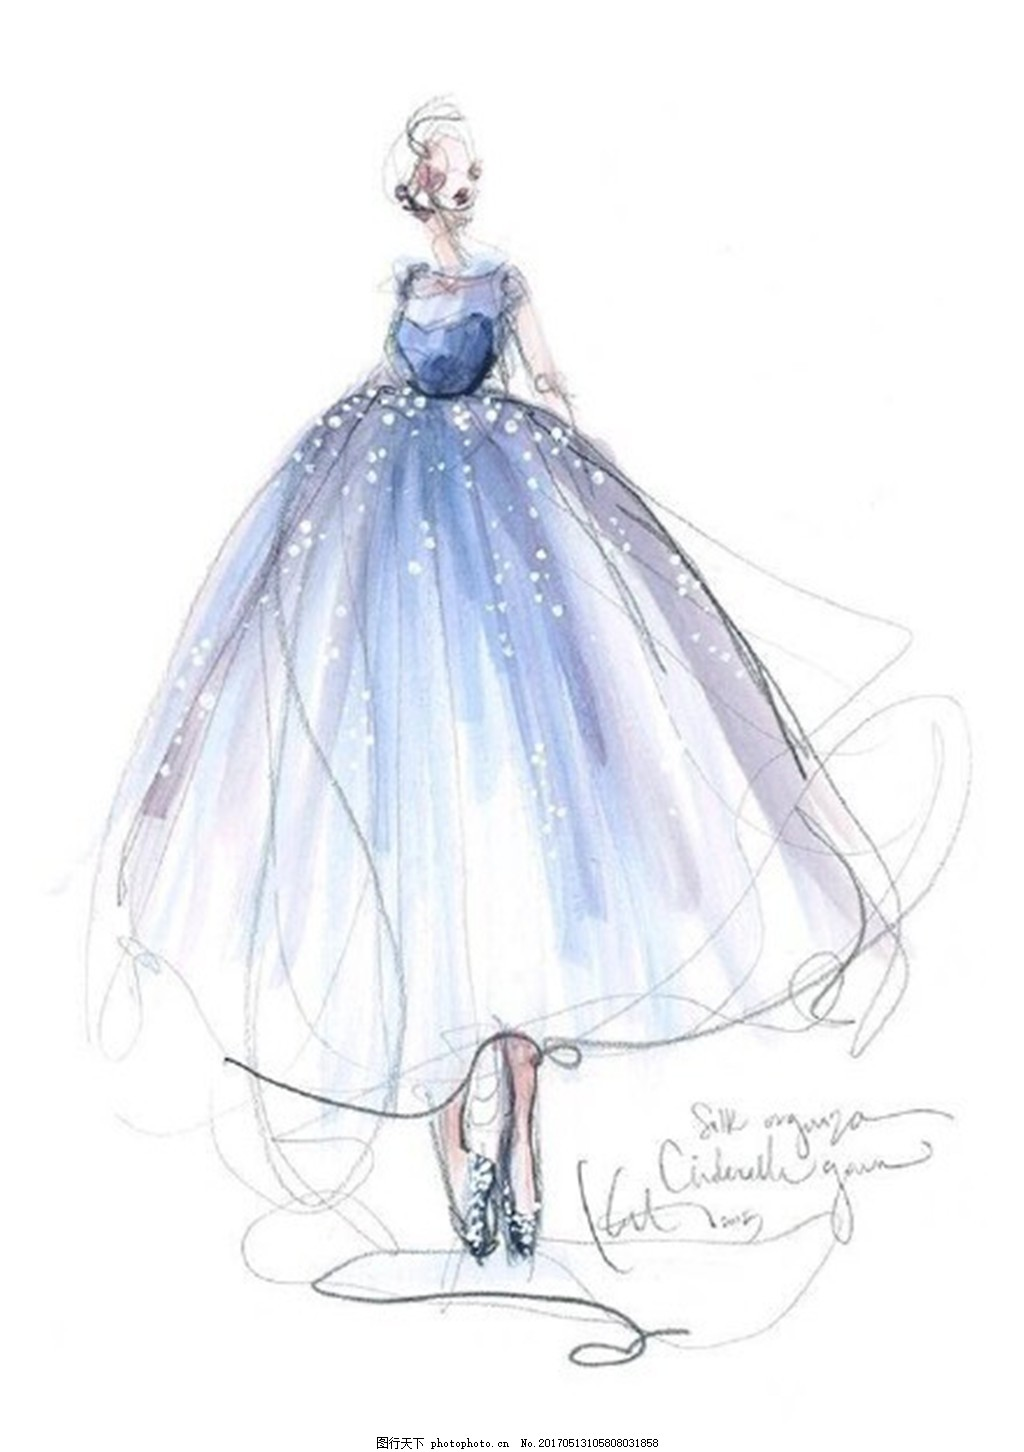 浅蓝色礼服设计图 服装设计 时尚女装 职业女装 女装设计效果图 jpg